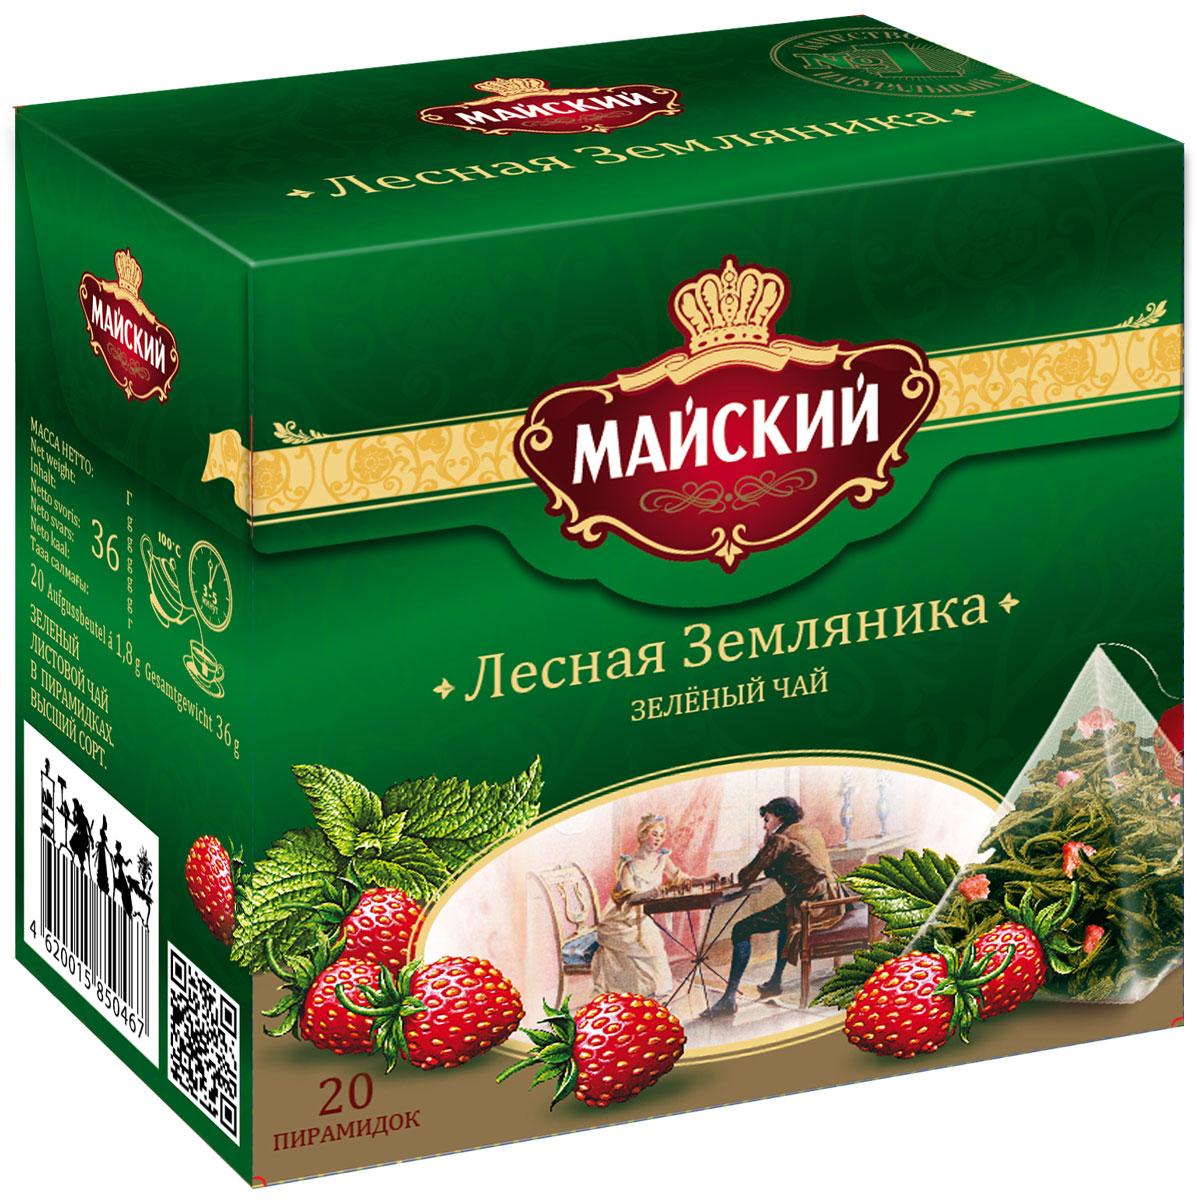 Майский Лесная земляника зеленый чай в пирамидках, 20 шт куплю дом в поселке майский белгородский район